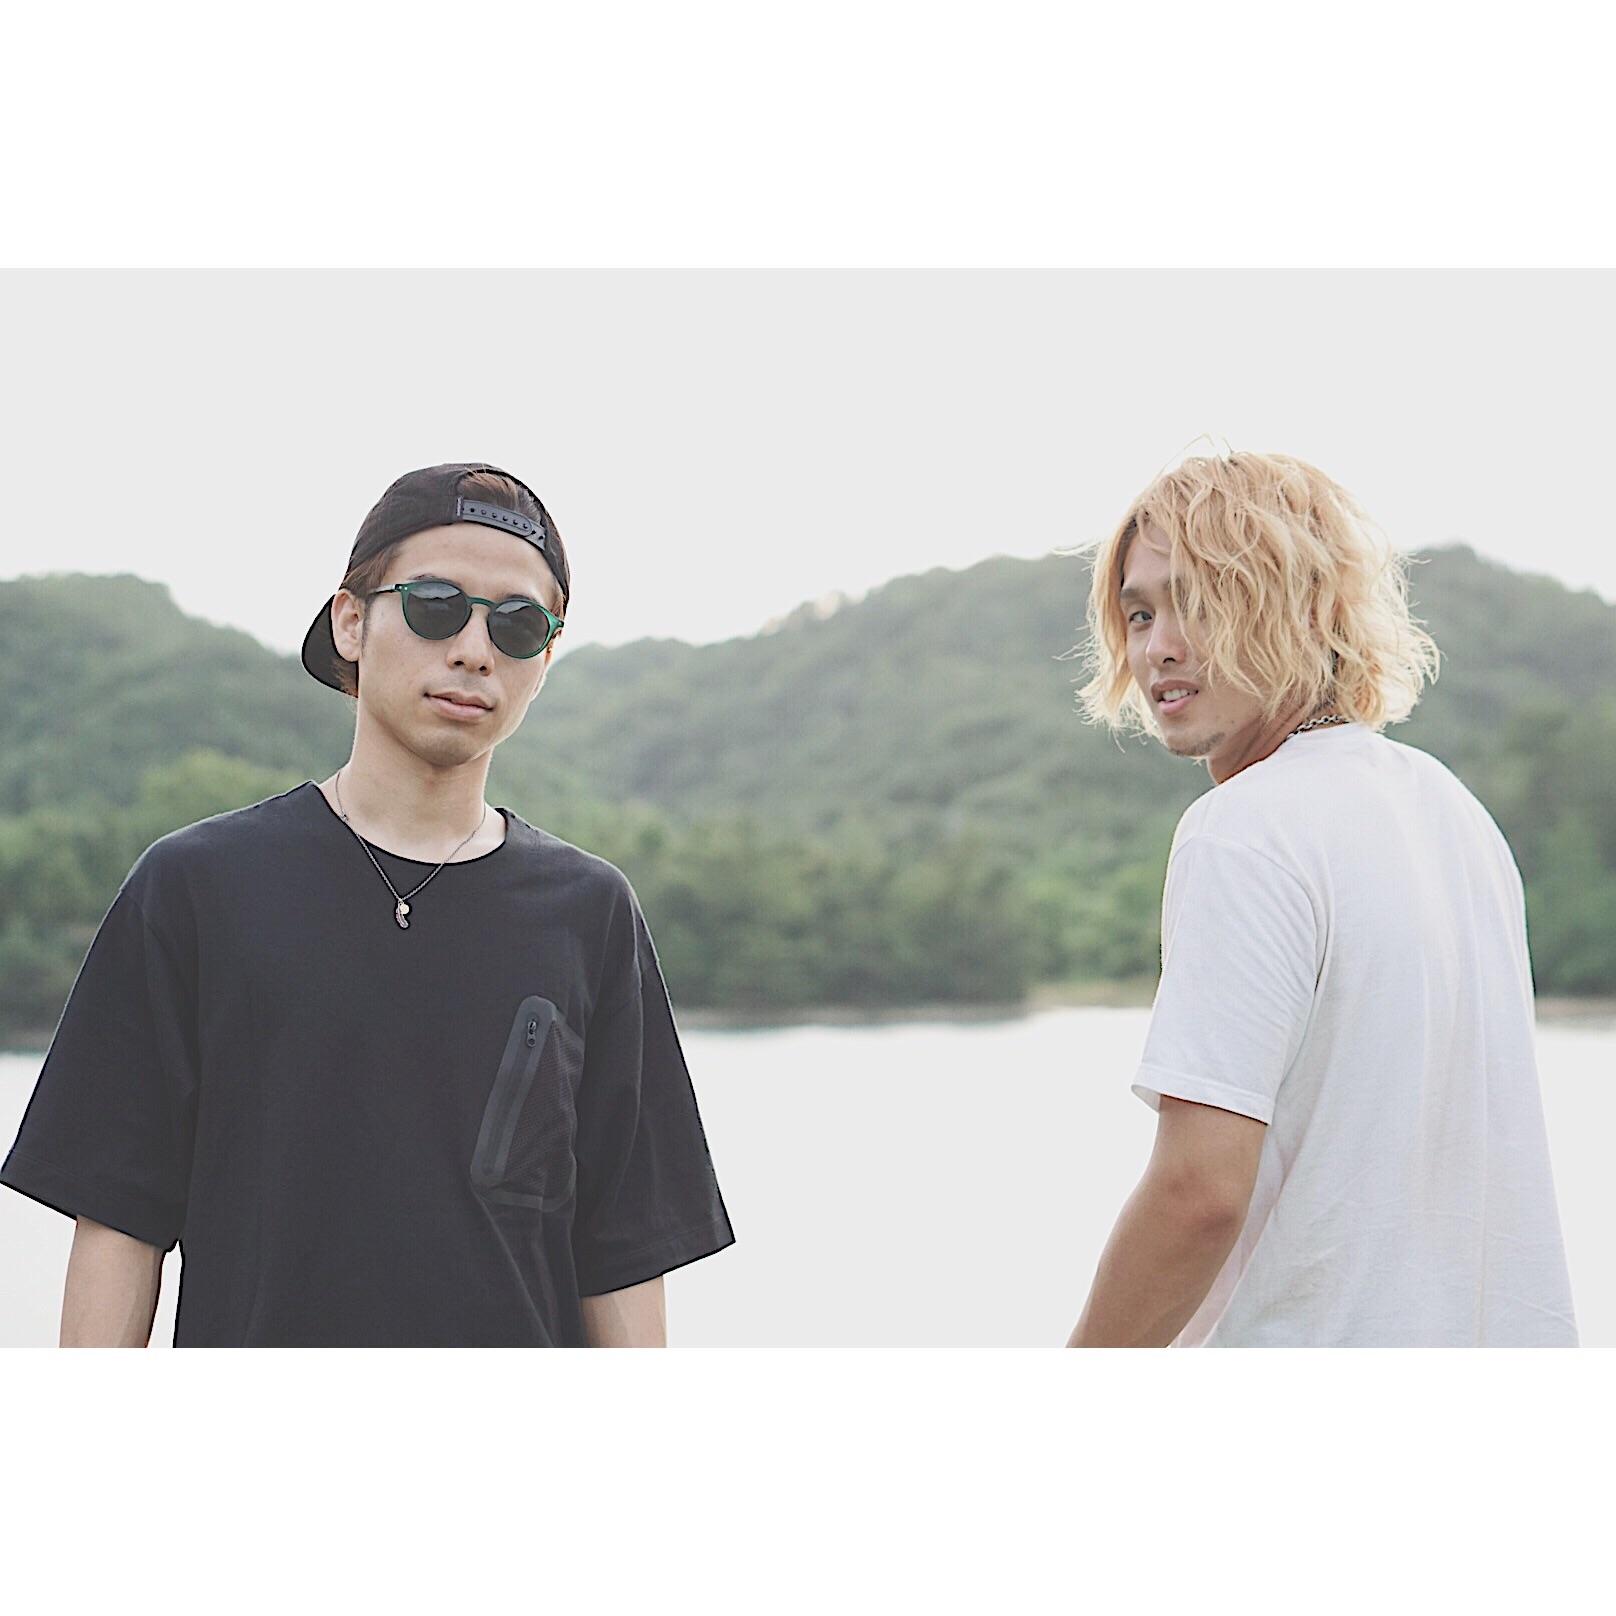 f:id:Yosuke0912:20180702222213j:image